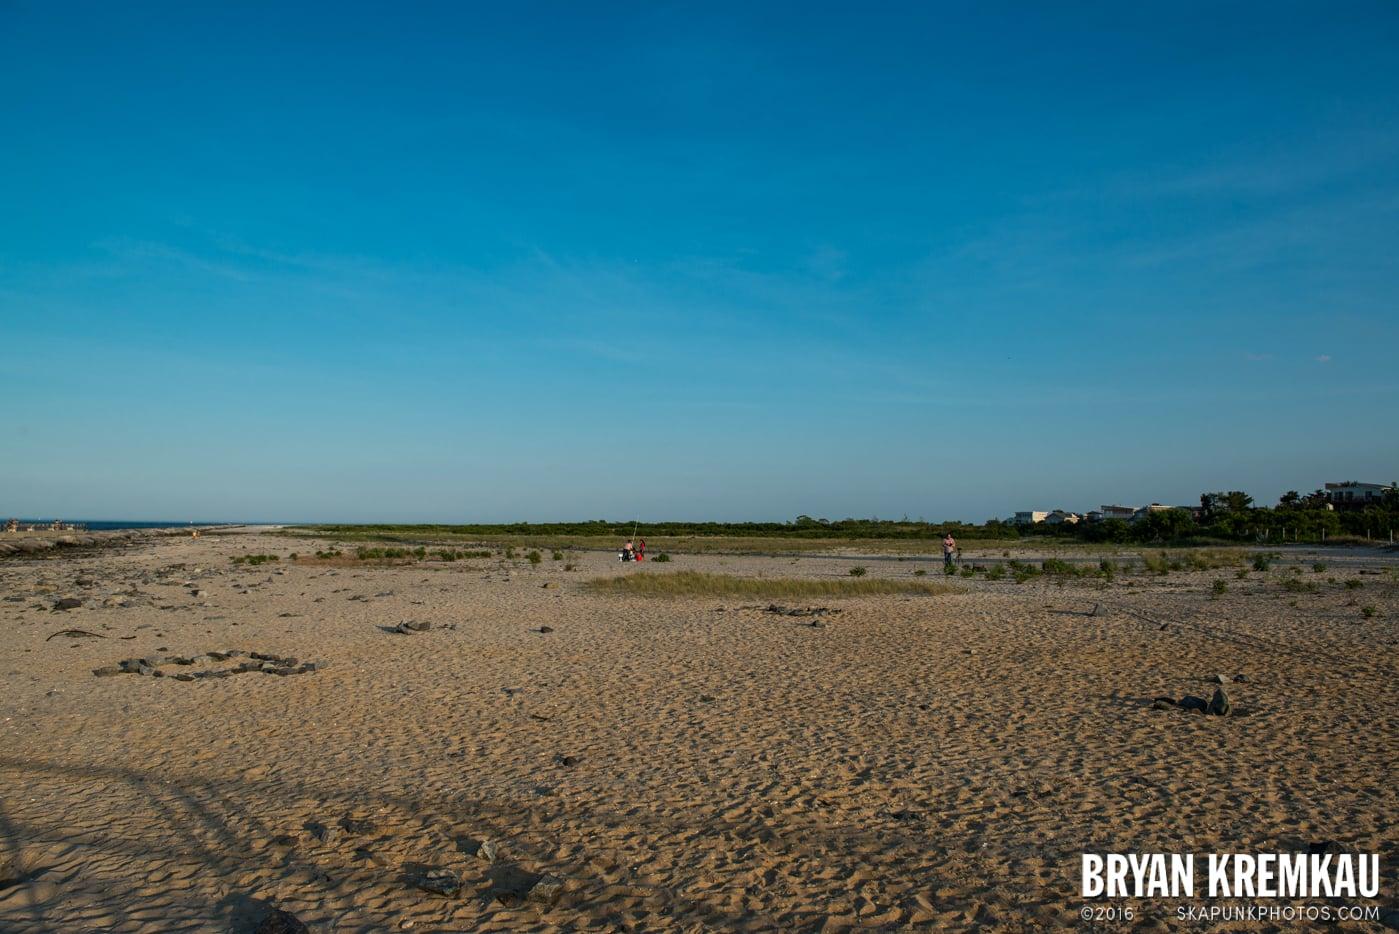 Beach Haven, Long Beach Island, NJ - 6.16.14 - 6.18.14 (23)